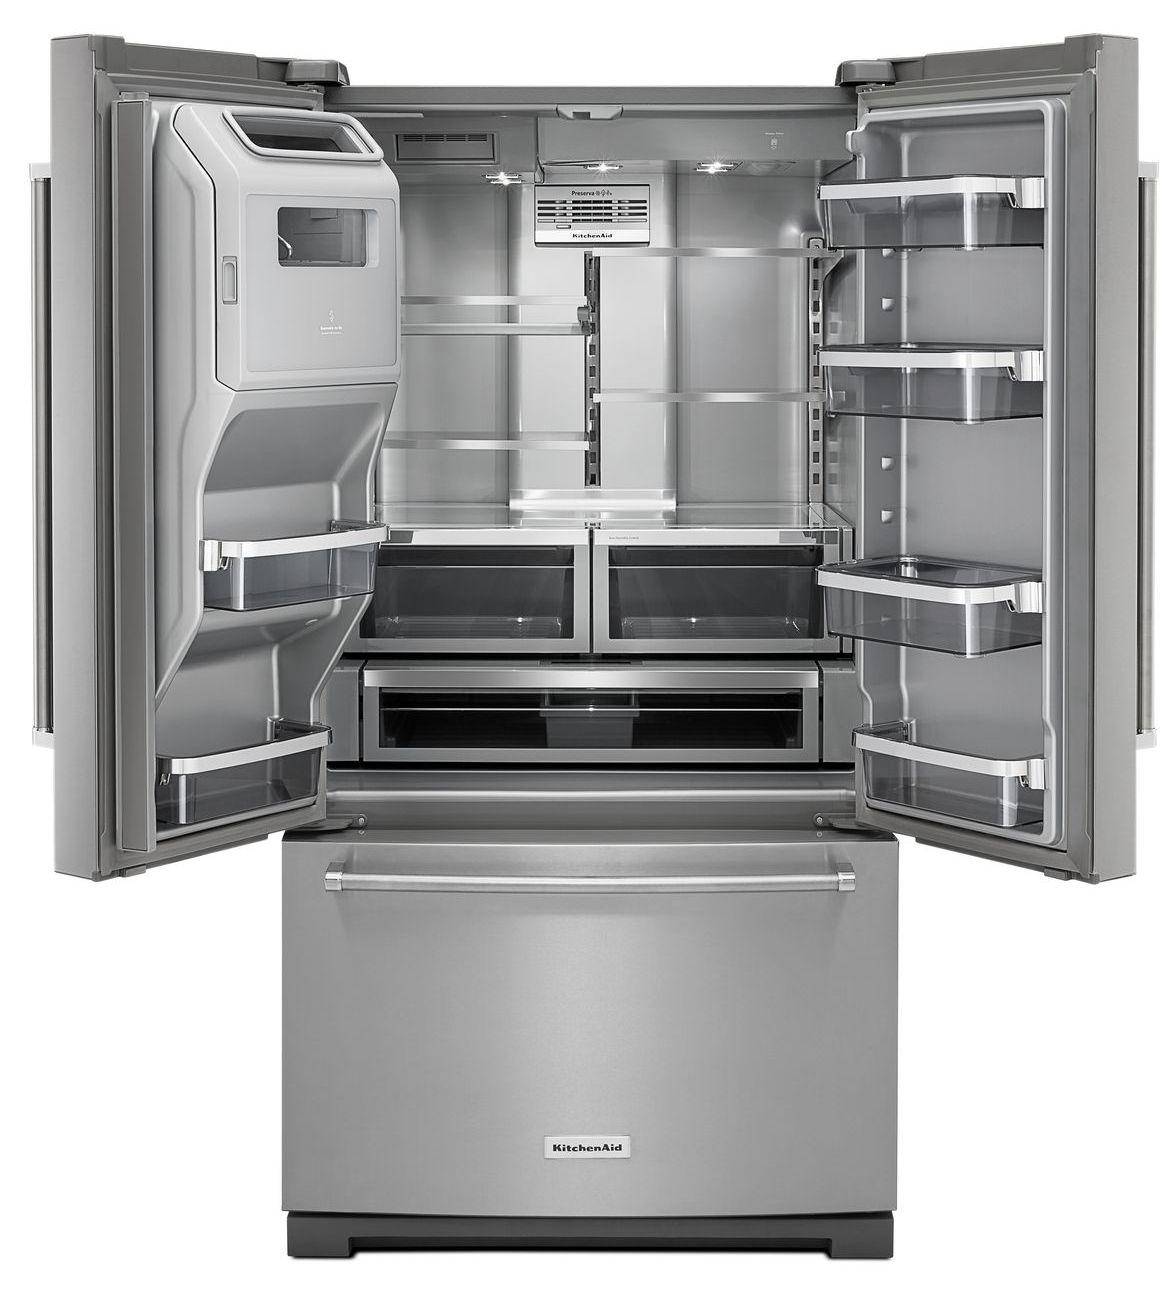 KitchenAid Model  KRFF707ESS